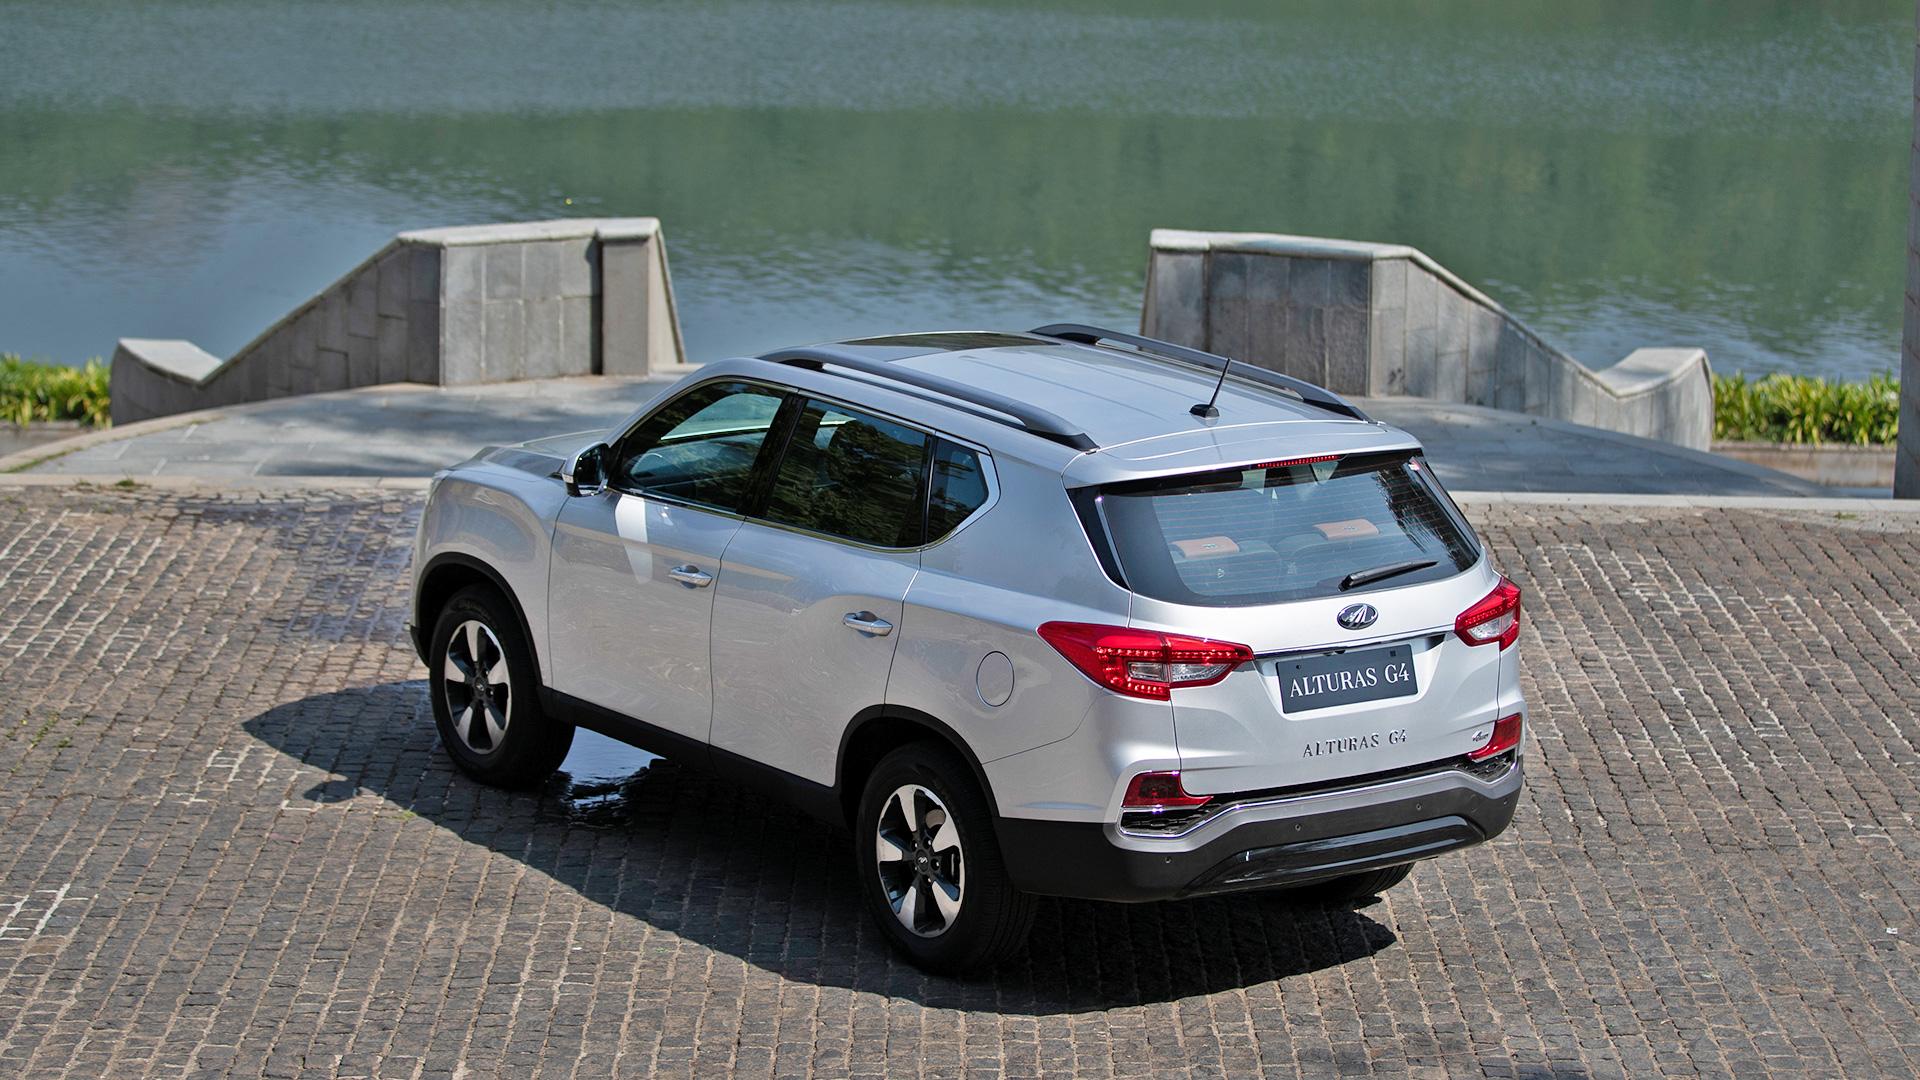 Даже самая дешевая версия рамного SsangYong Rexton оказалась хуже нового Toyota Fortuner